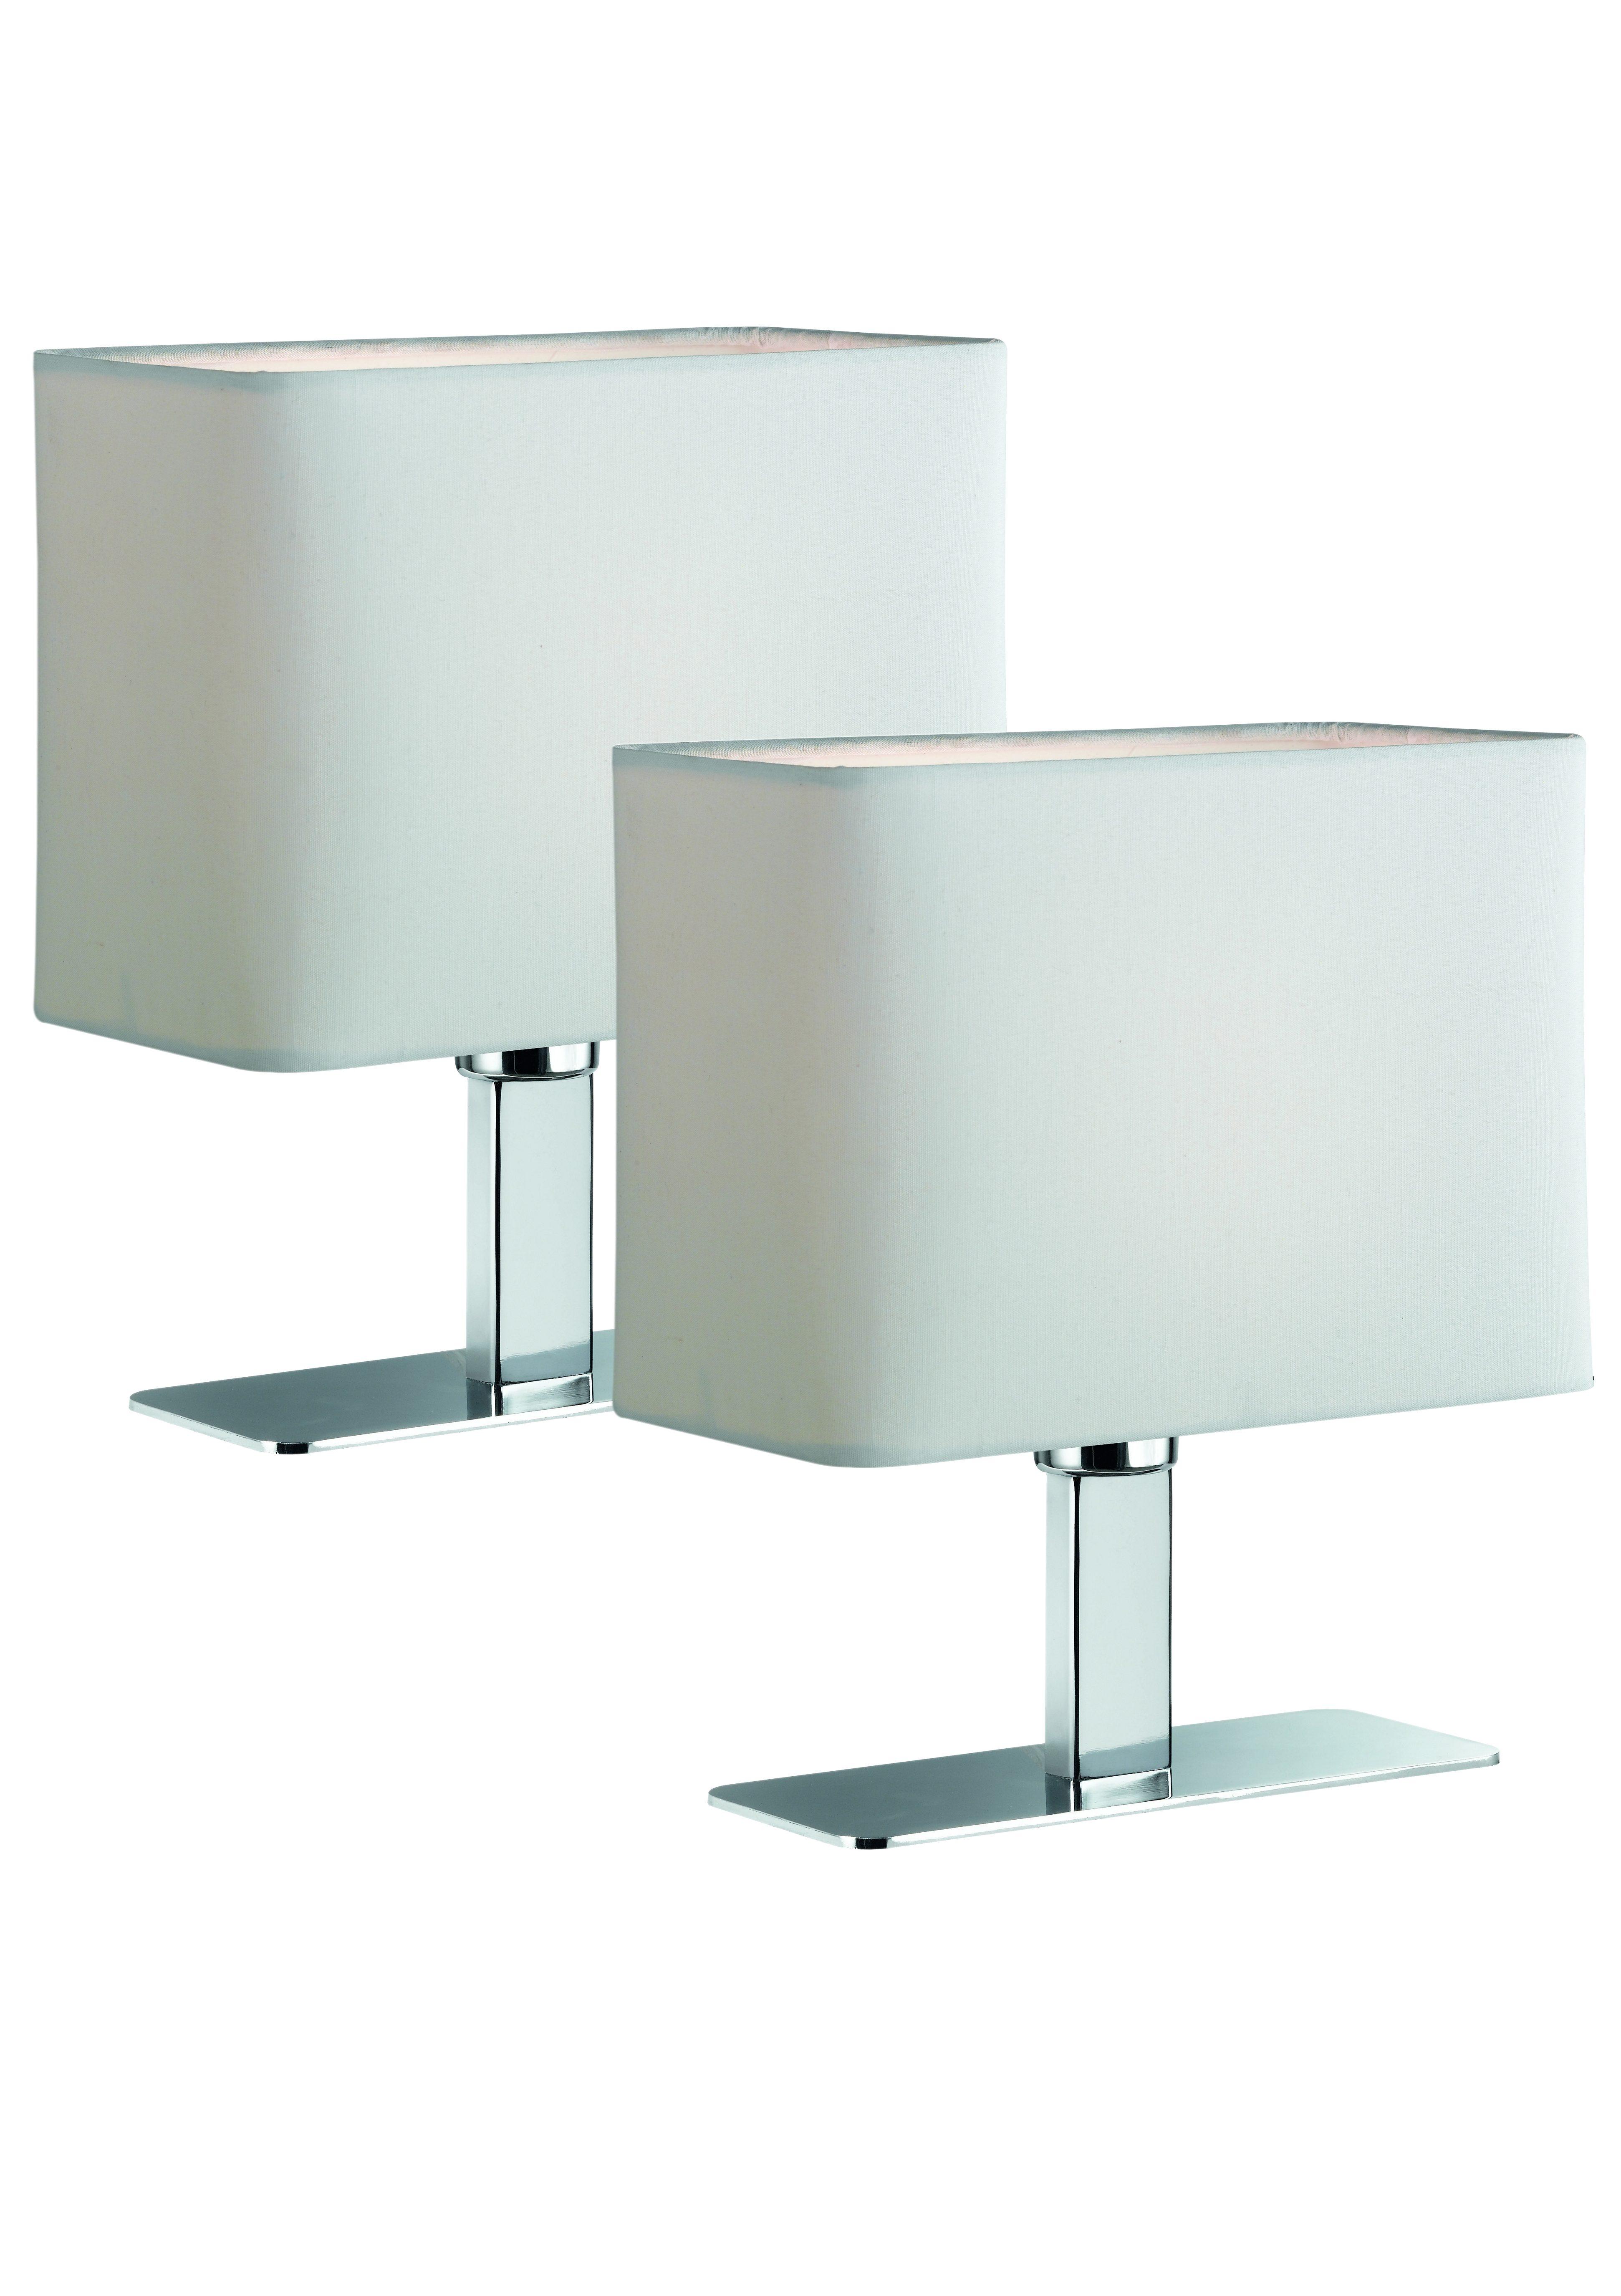 TRIO Leuchten LED Tischleuchte 1-flammig Set - 2 Stück